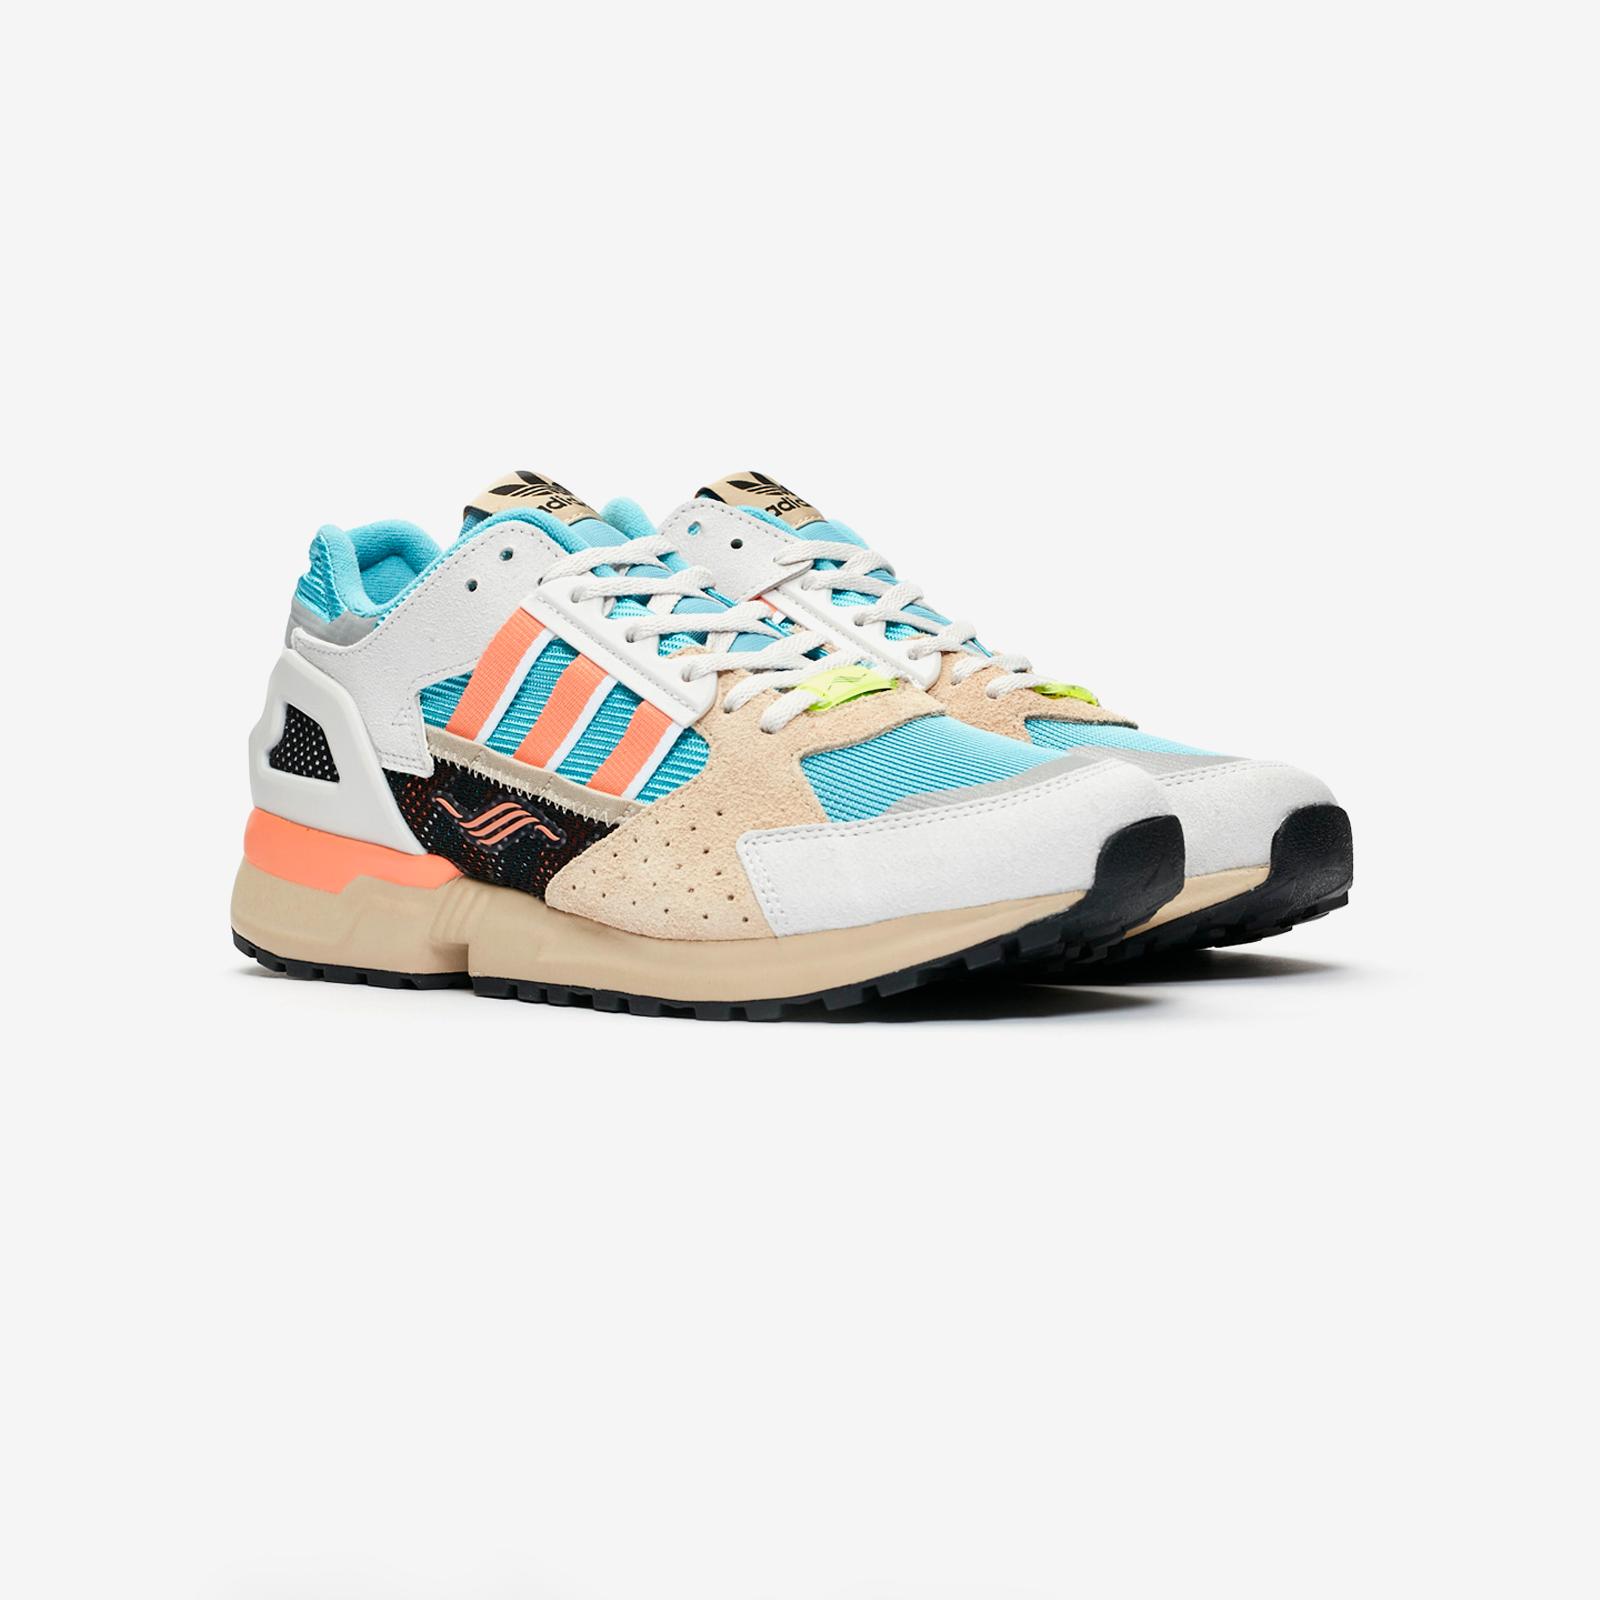 0581c068dac9f adidas ZX 10.000 C - Ee9485 - Sneakersnstuff